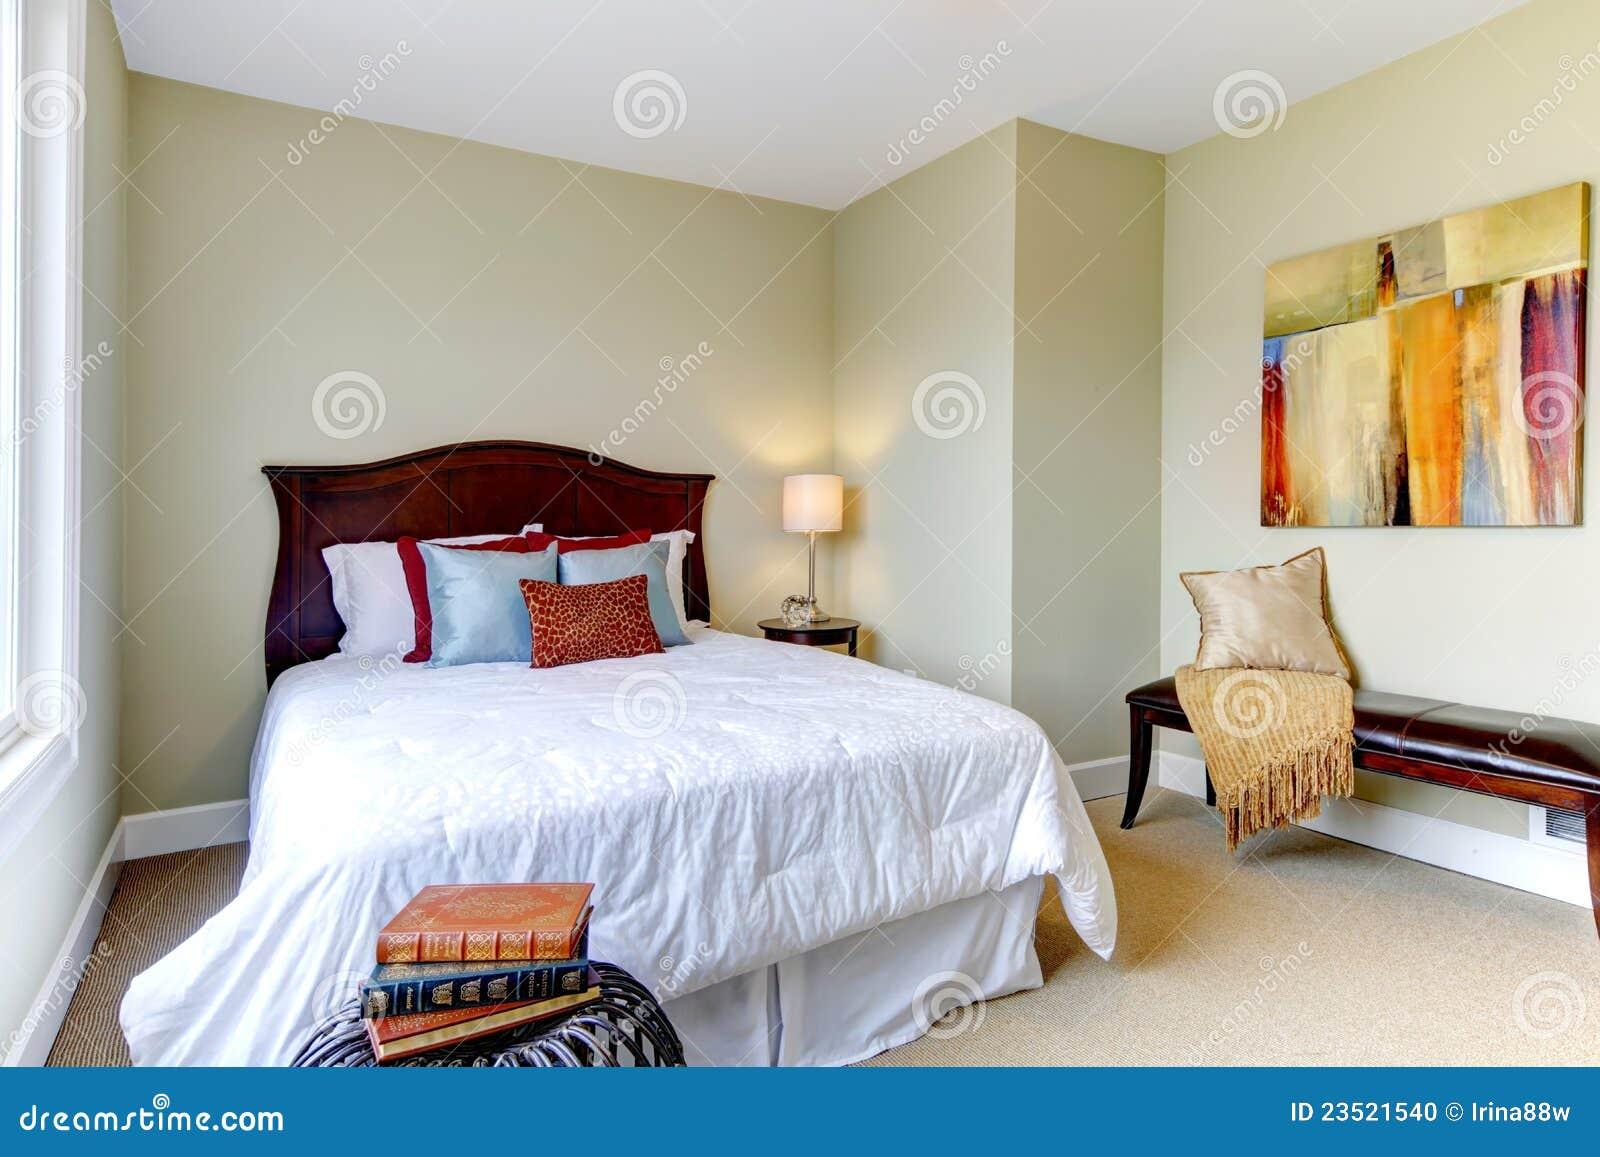 Camera Da Letto Bianca Pareti : Camera da letto con stratificazione bianca pareti verdi